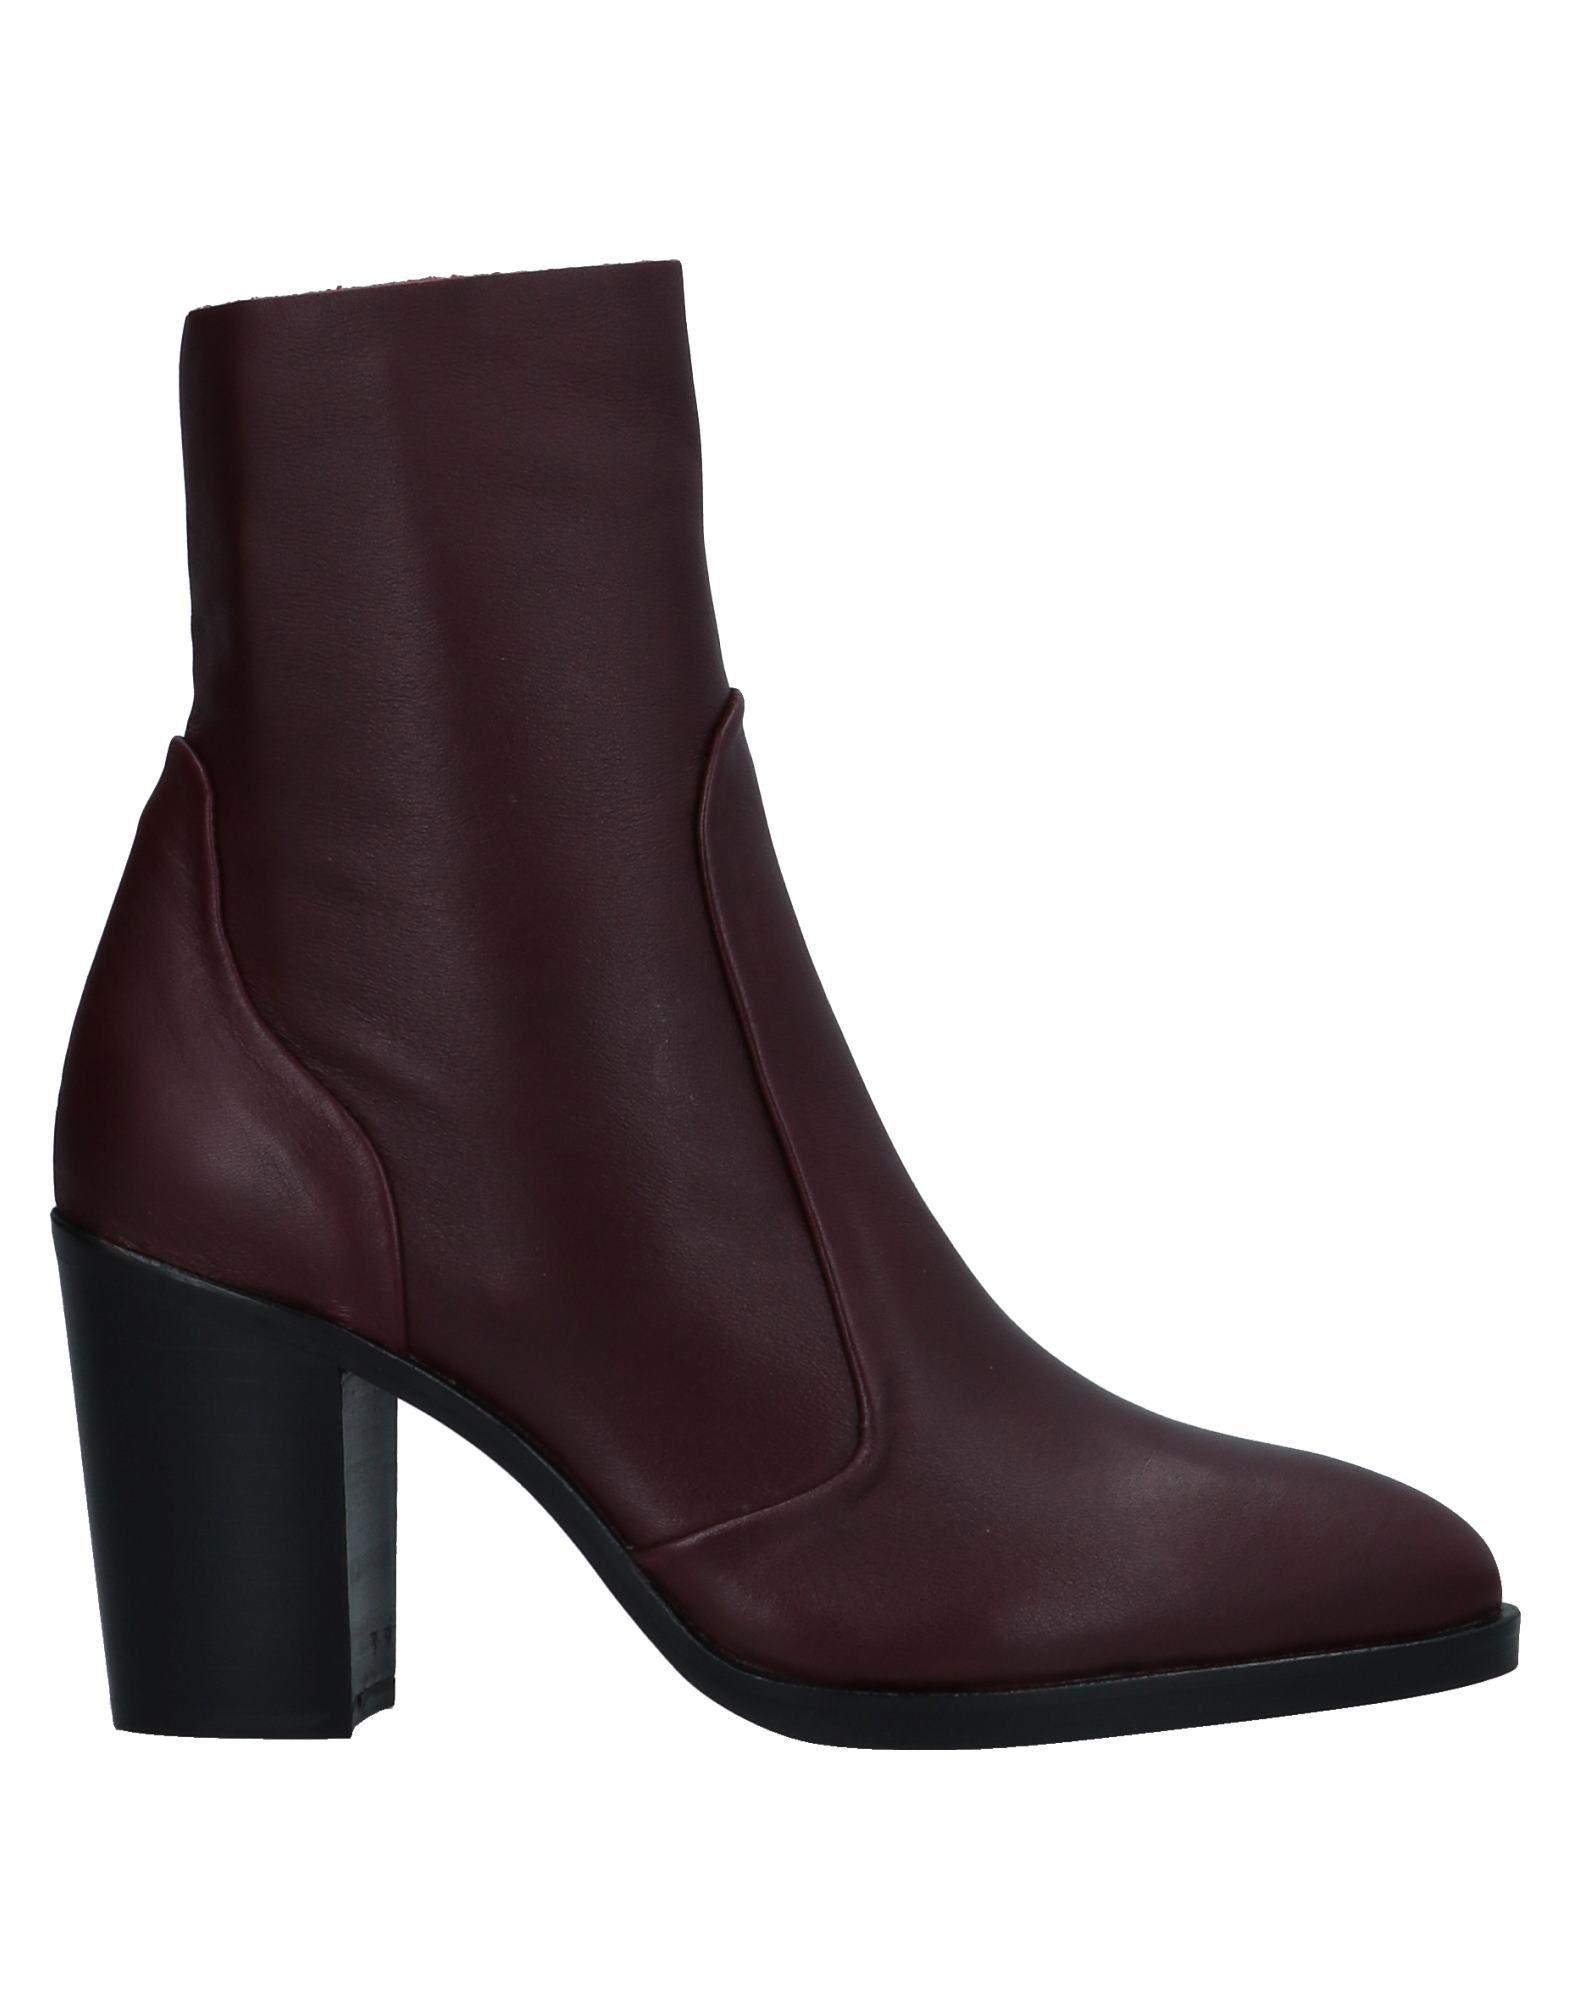 Cross Walk Stiefelette Damen  11520452JJGut aussehende strapazierfähige Schuhe